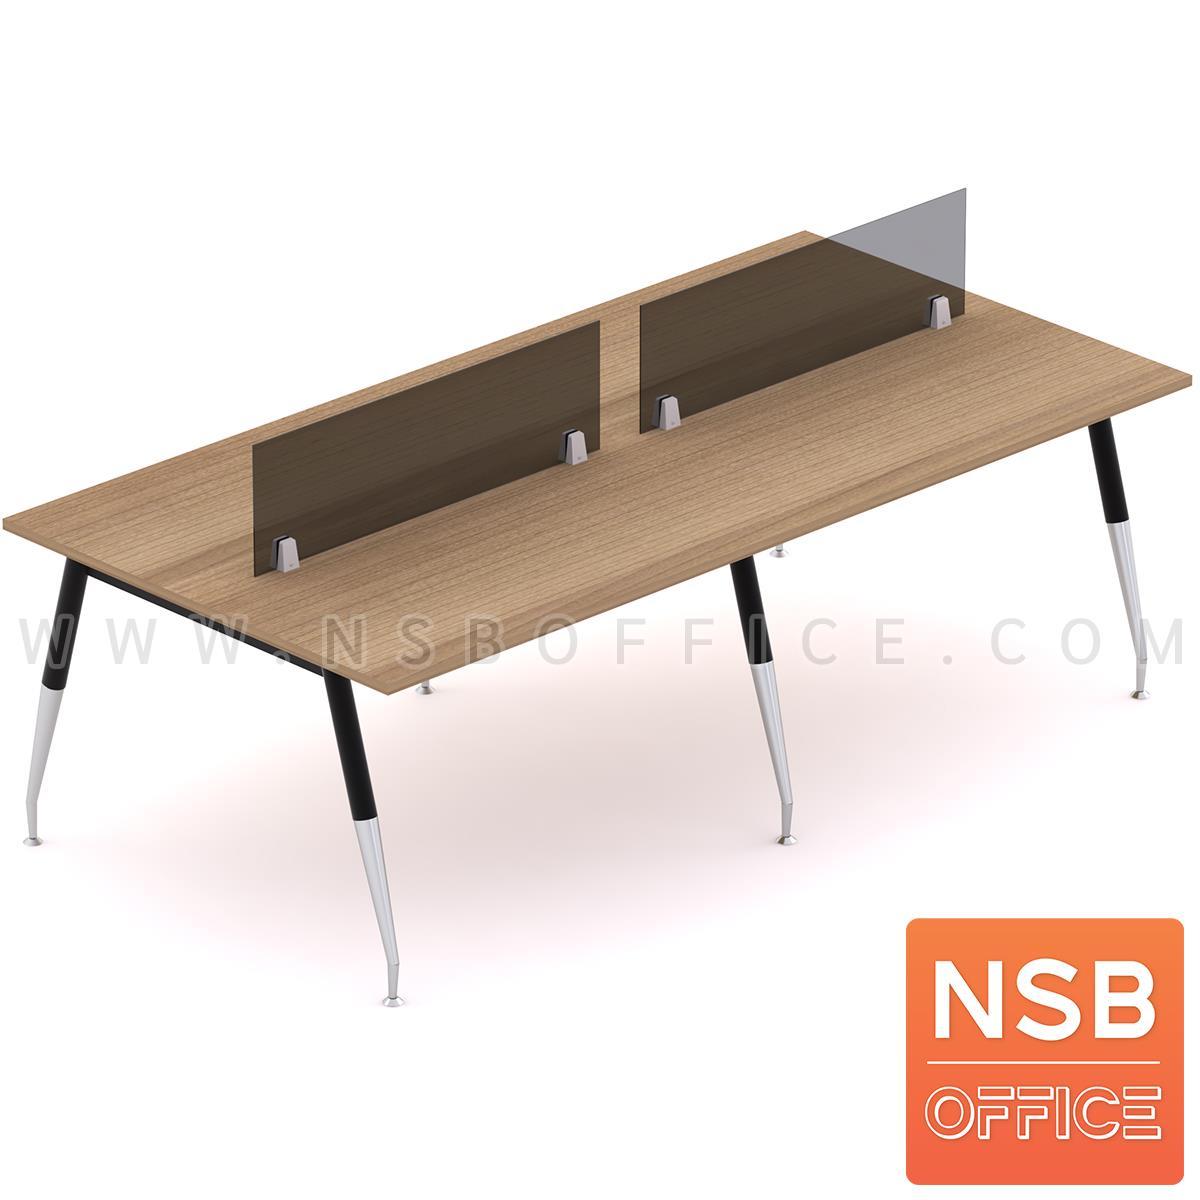 A27A054:โต๊ะทำงานกลุ่ม รุ่น Petula 2 (เพทูลา 2) ขนาด 240W*120D cm. ขาเหล็กปลายเรียว